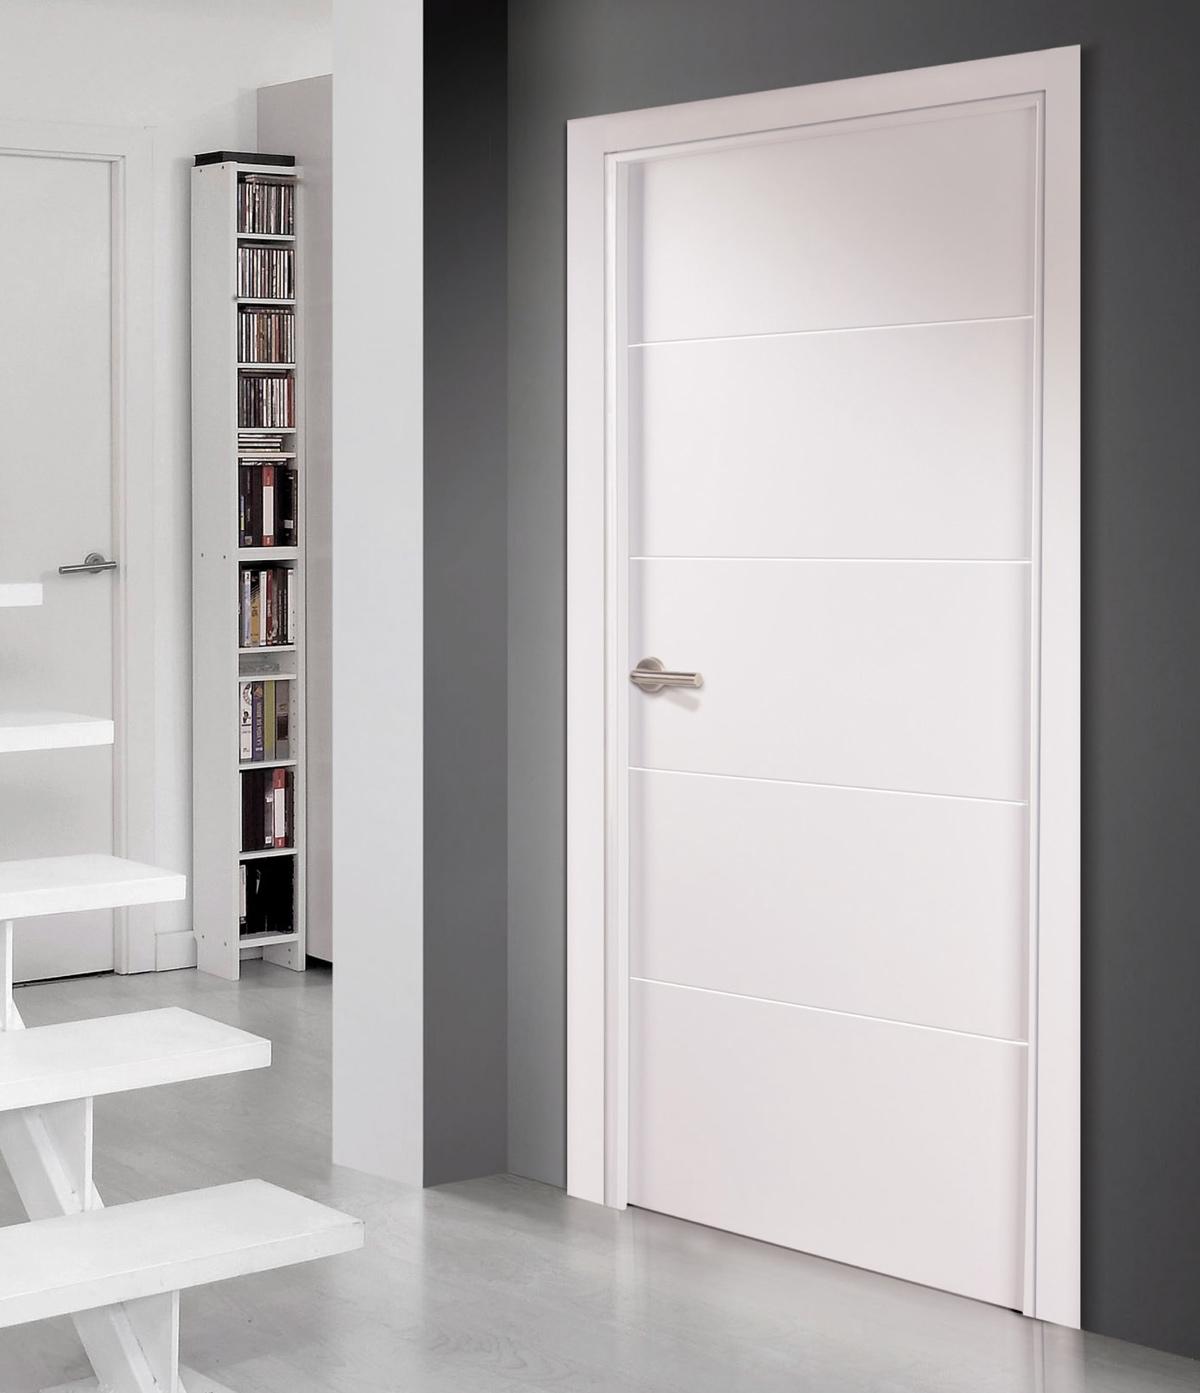 Combinar puertas blancas for Precio de puertas blancas